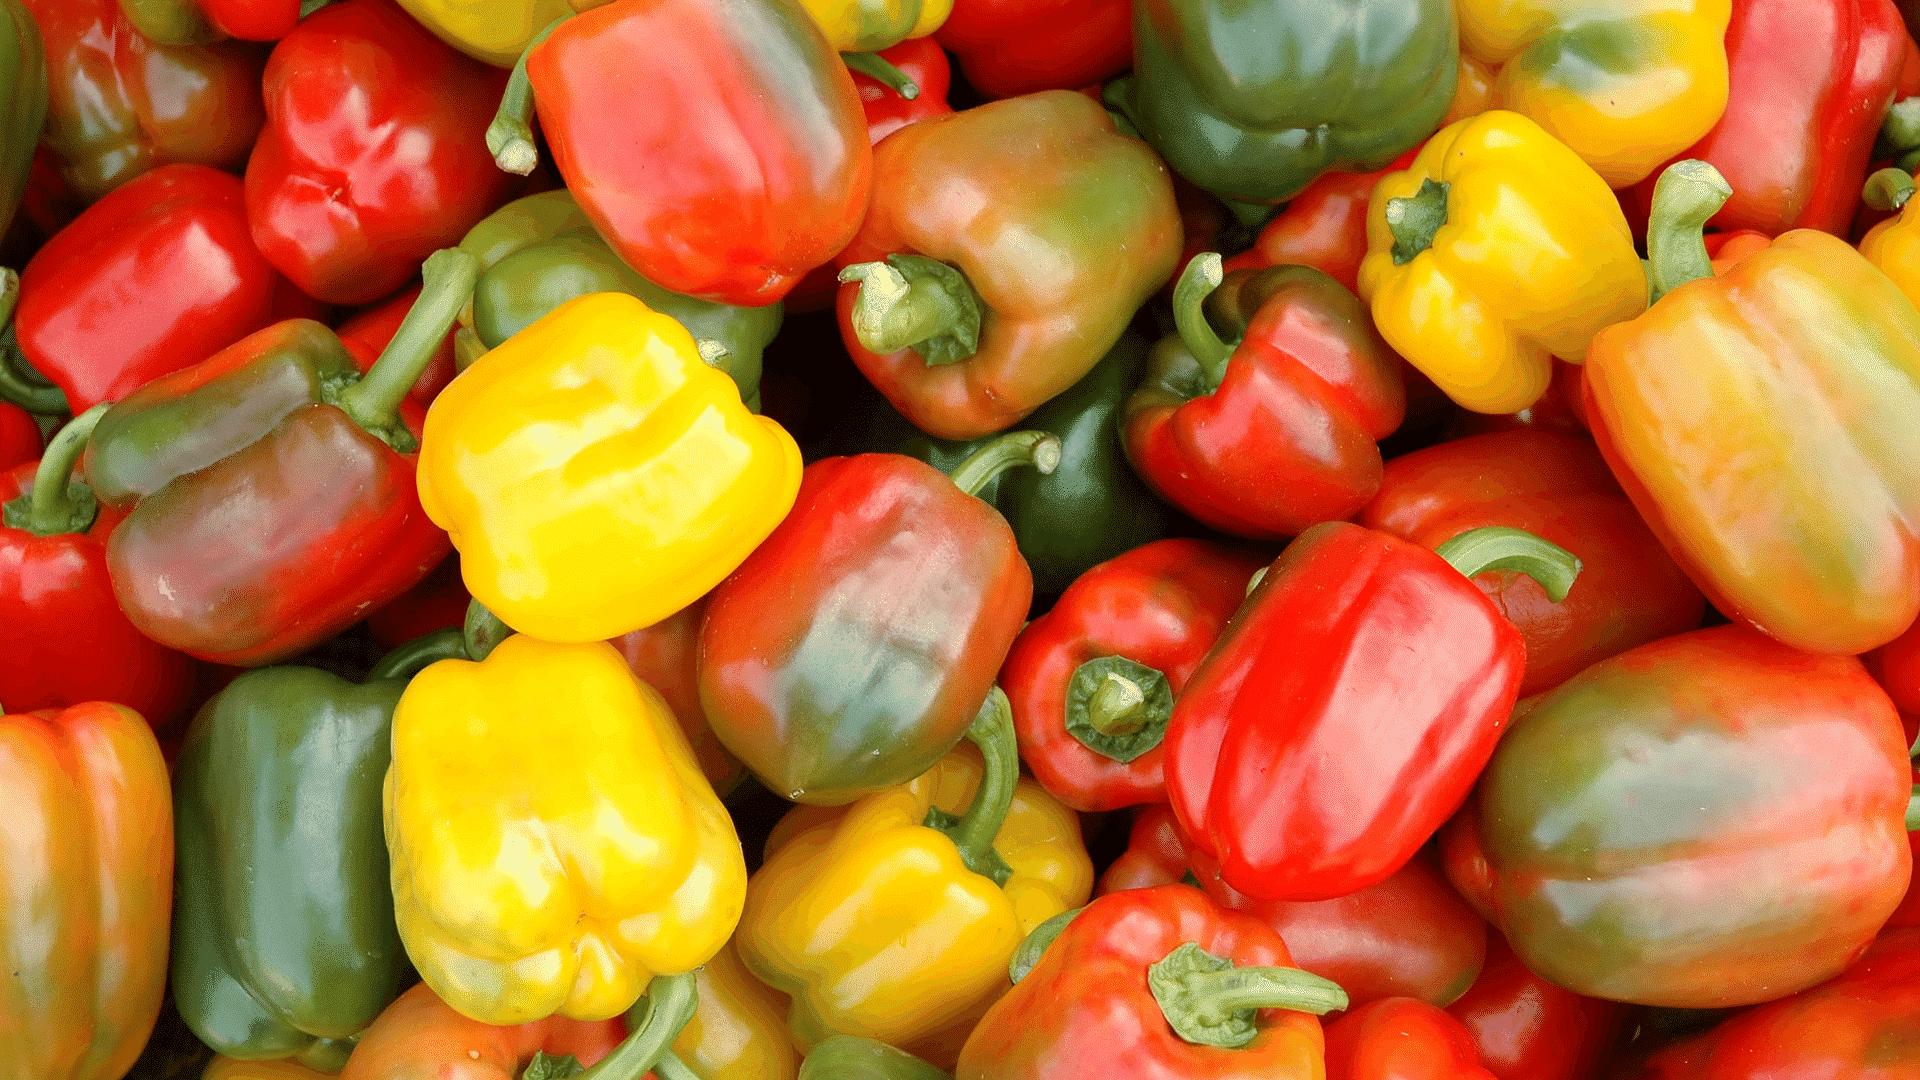 Az édes paprika gyengéd, meleg évszakban termő növény és a paradicsom rokona. Így ültethet és termeszthet paprikát a kertjében!